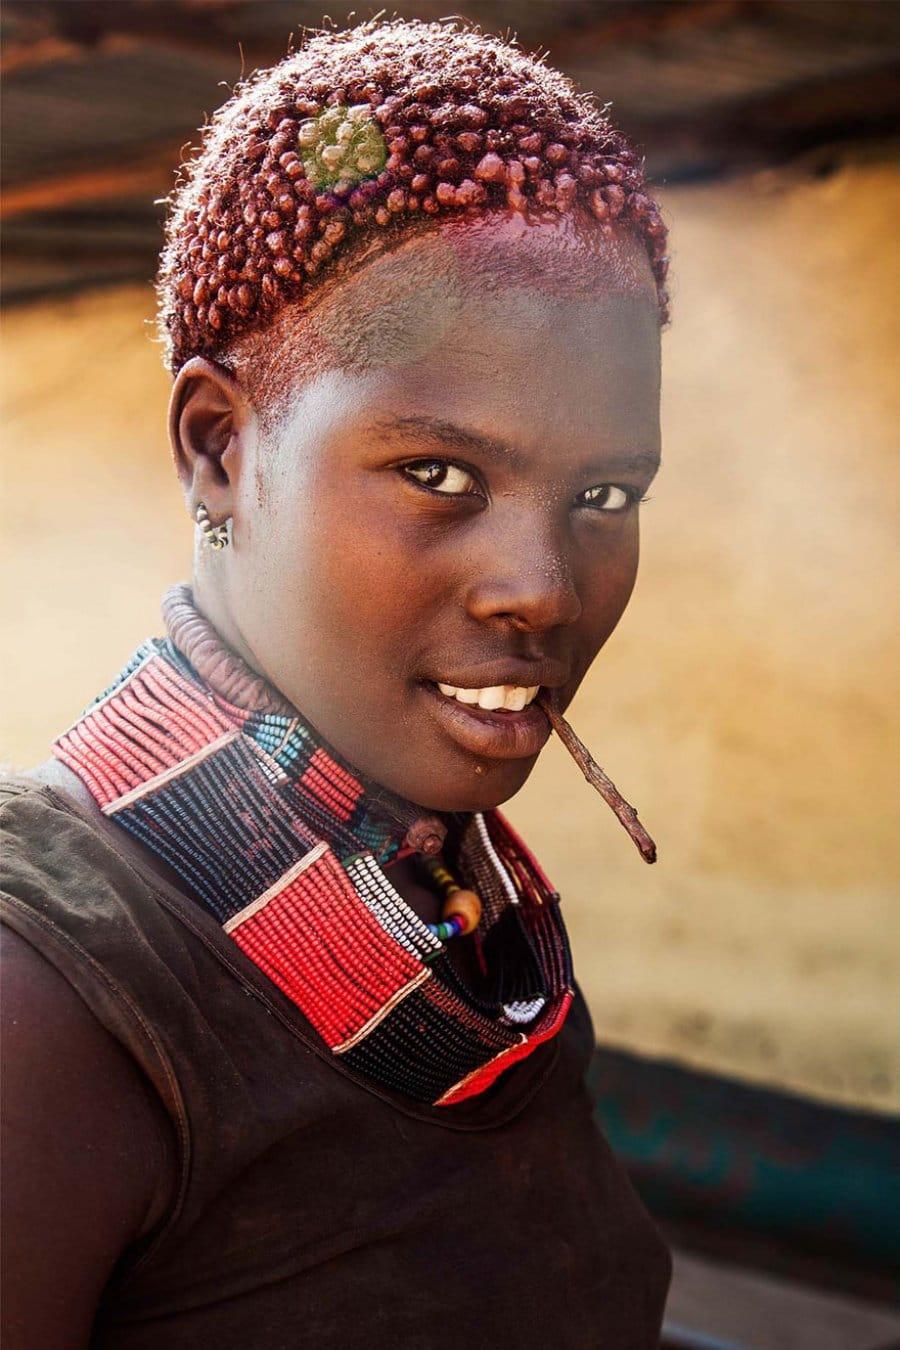 Veja a beleza das mulheres de cada país ao redor do mundo 19